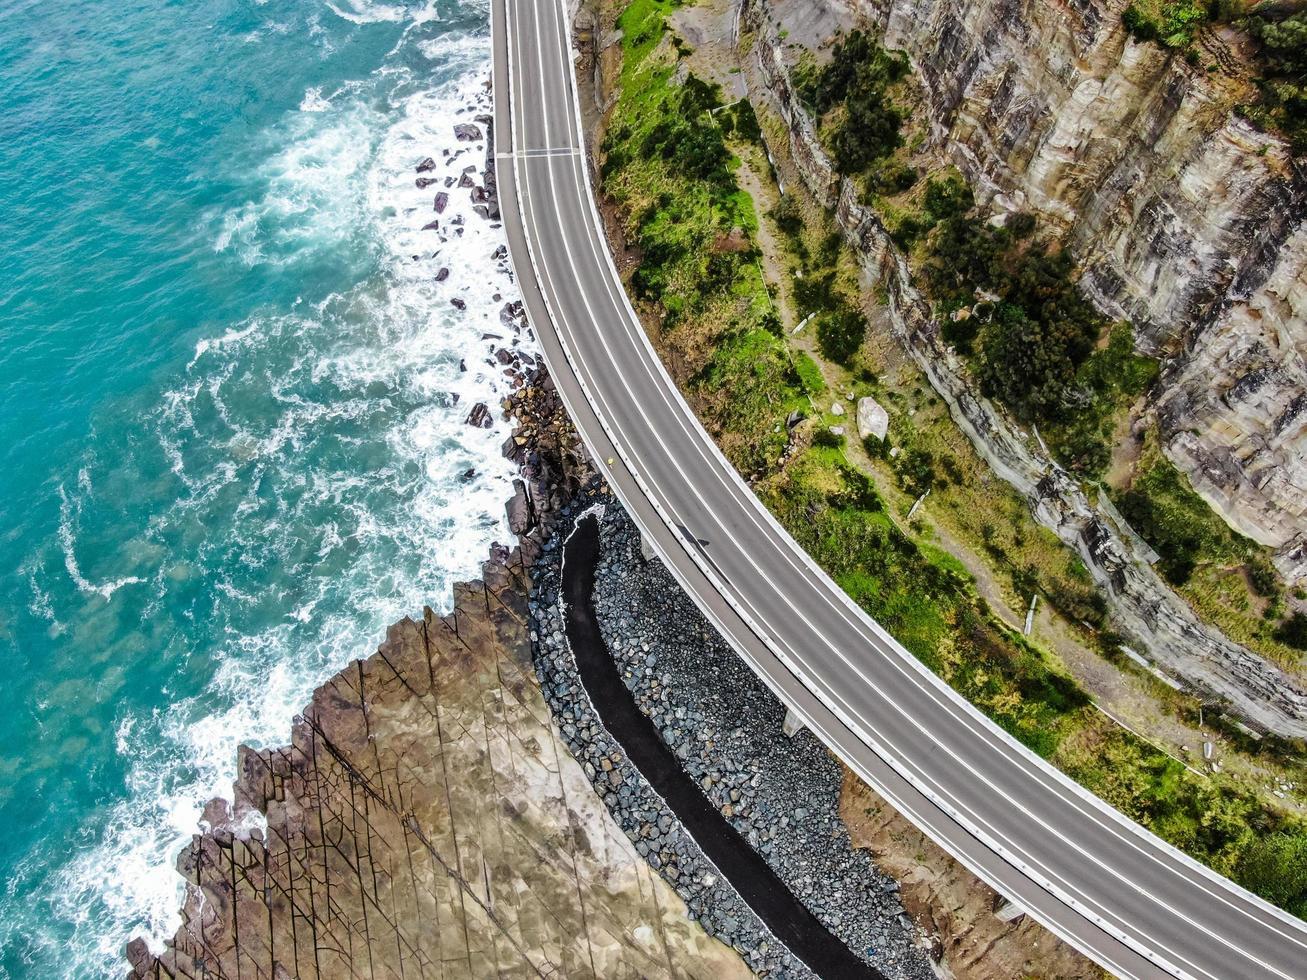 Vista aérea de una carretera cerca de una montaña y el océano. foto